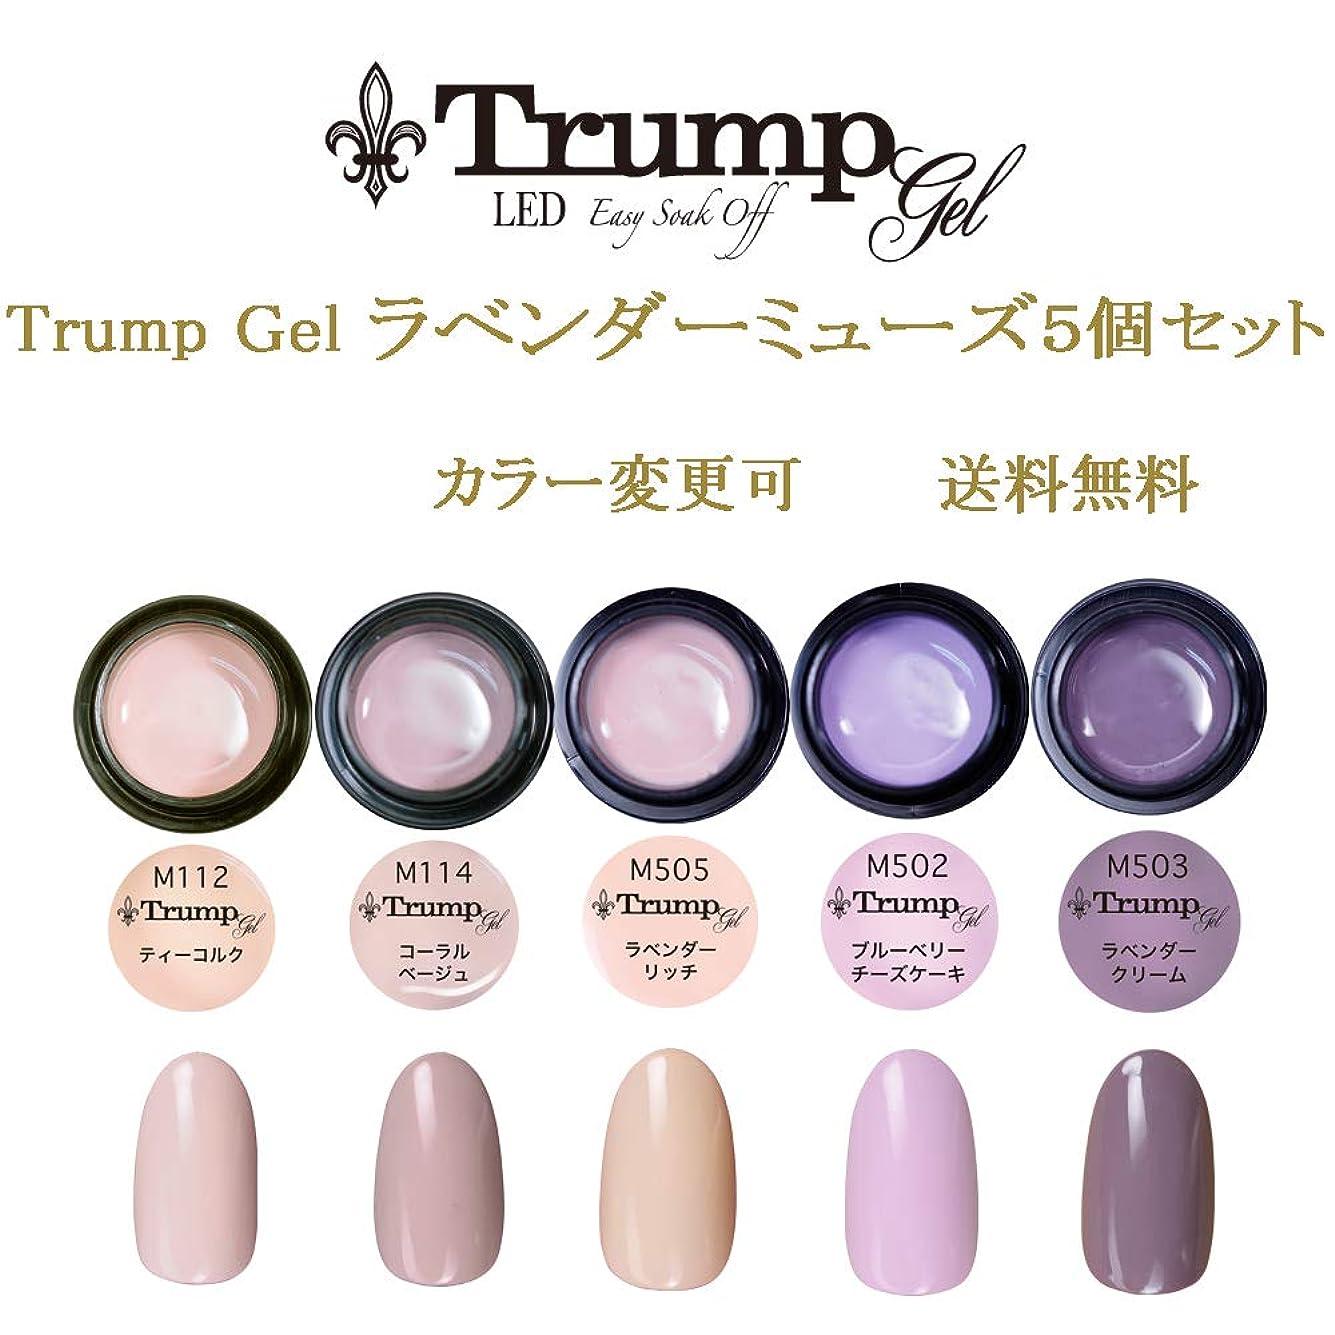 評論家社説シルク日本製 Trump gel トランプジェル ラベンダーミューズカラー 選べる カラージェル 5個セット ピンク ベージュ ラベンダーカラー